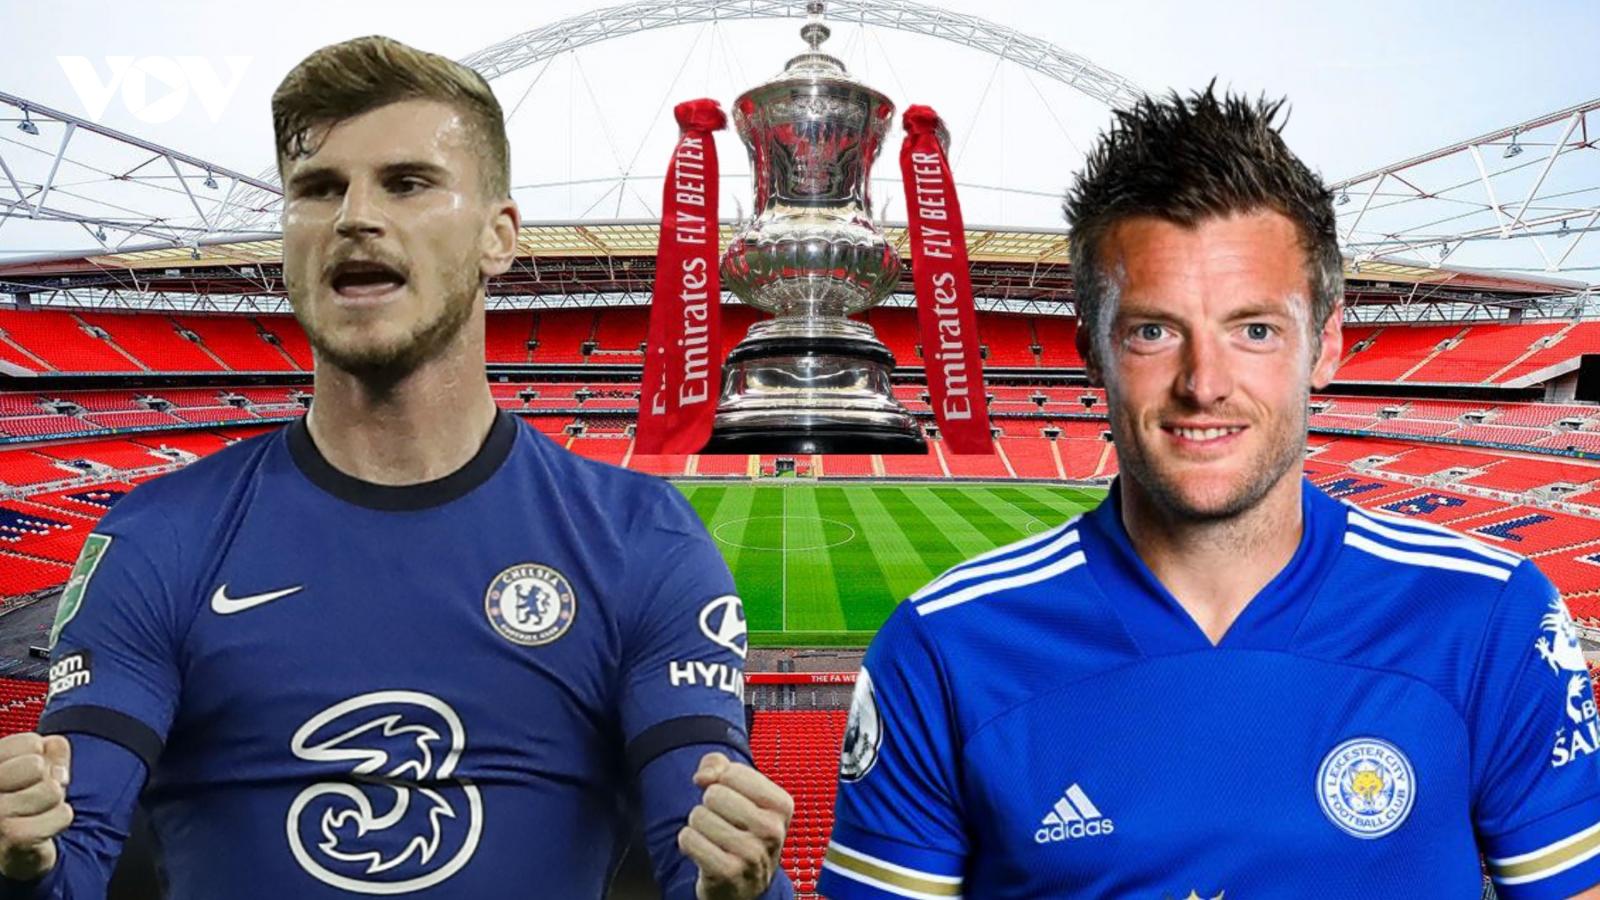 Dự đoán kết quả, đội hình xuất phát trận Chelsea - Leicester